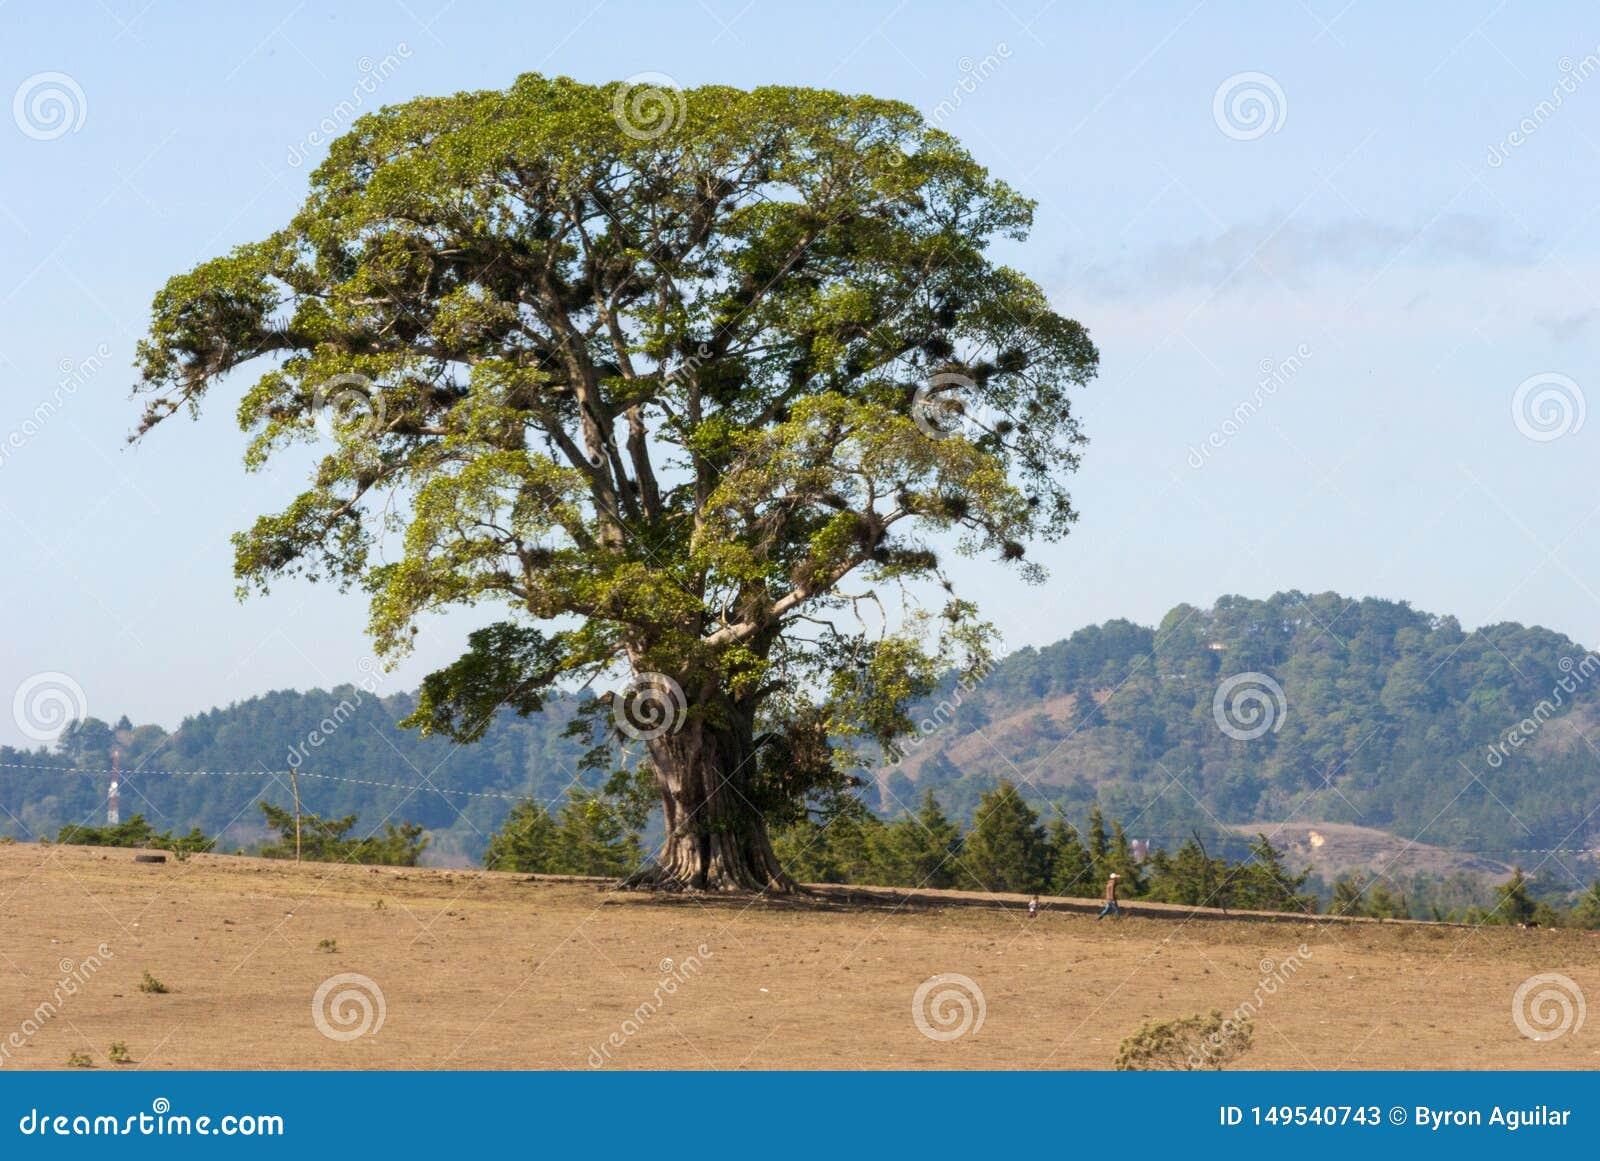 在干旱的领域中间的巨型树在危地马拉,中美洲